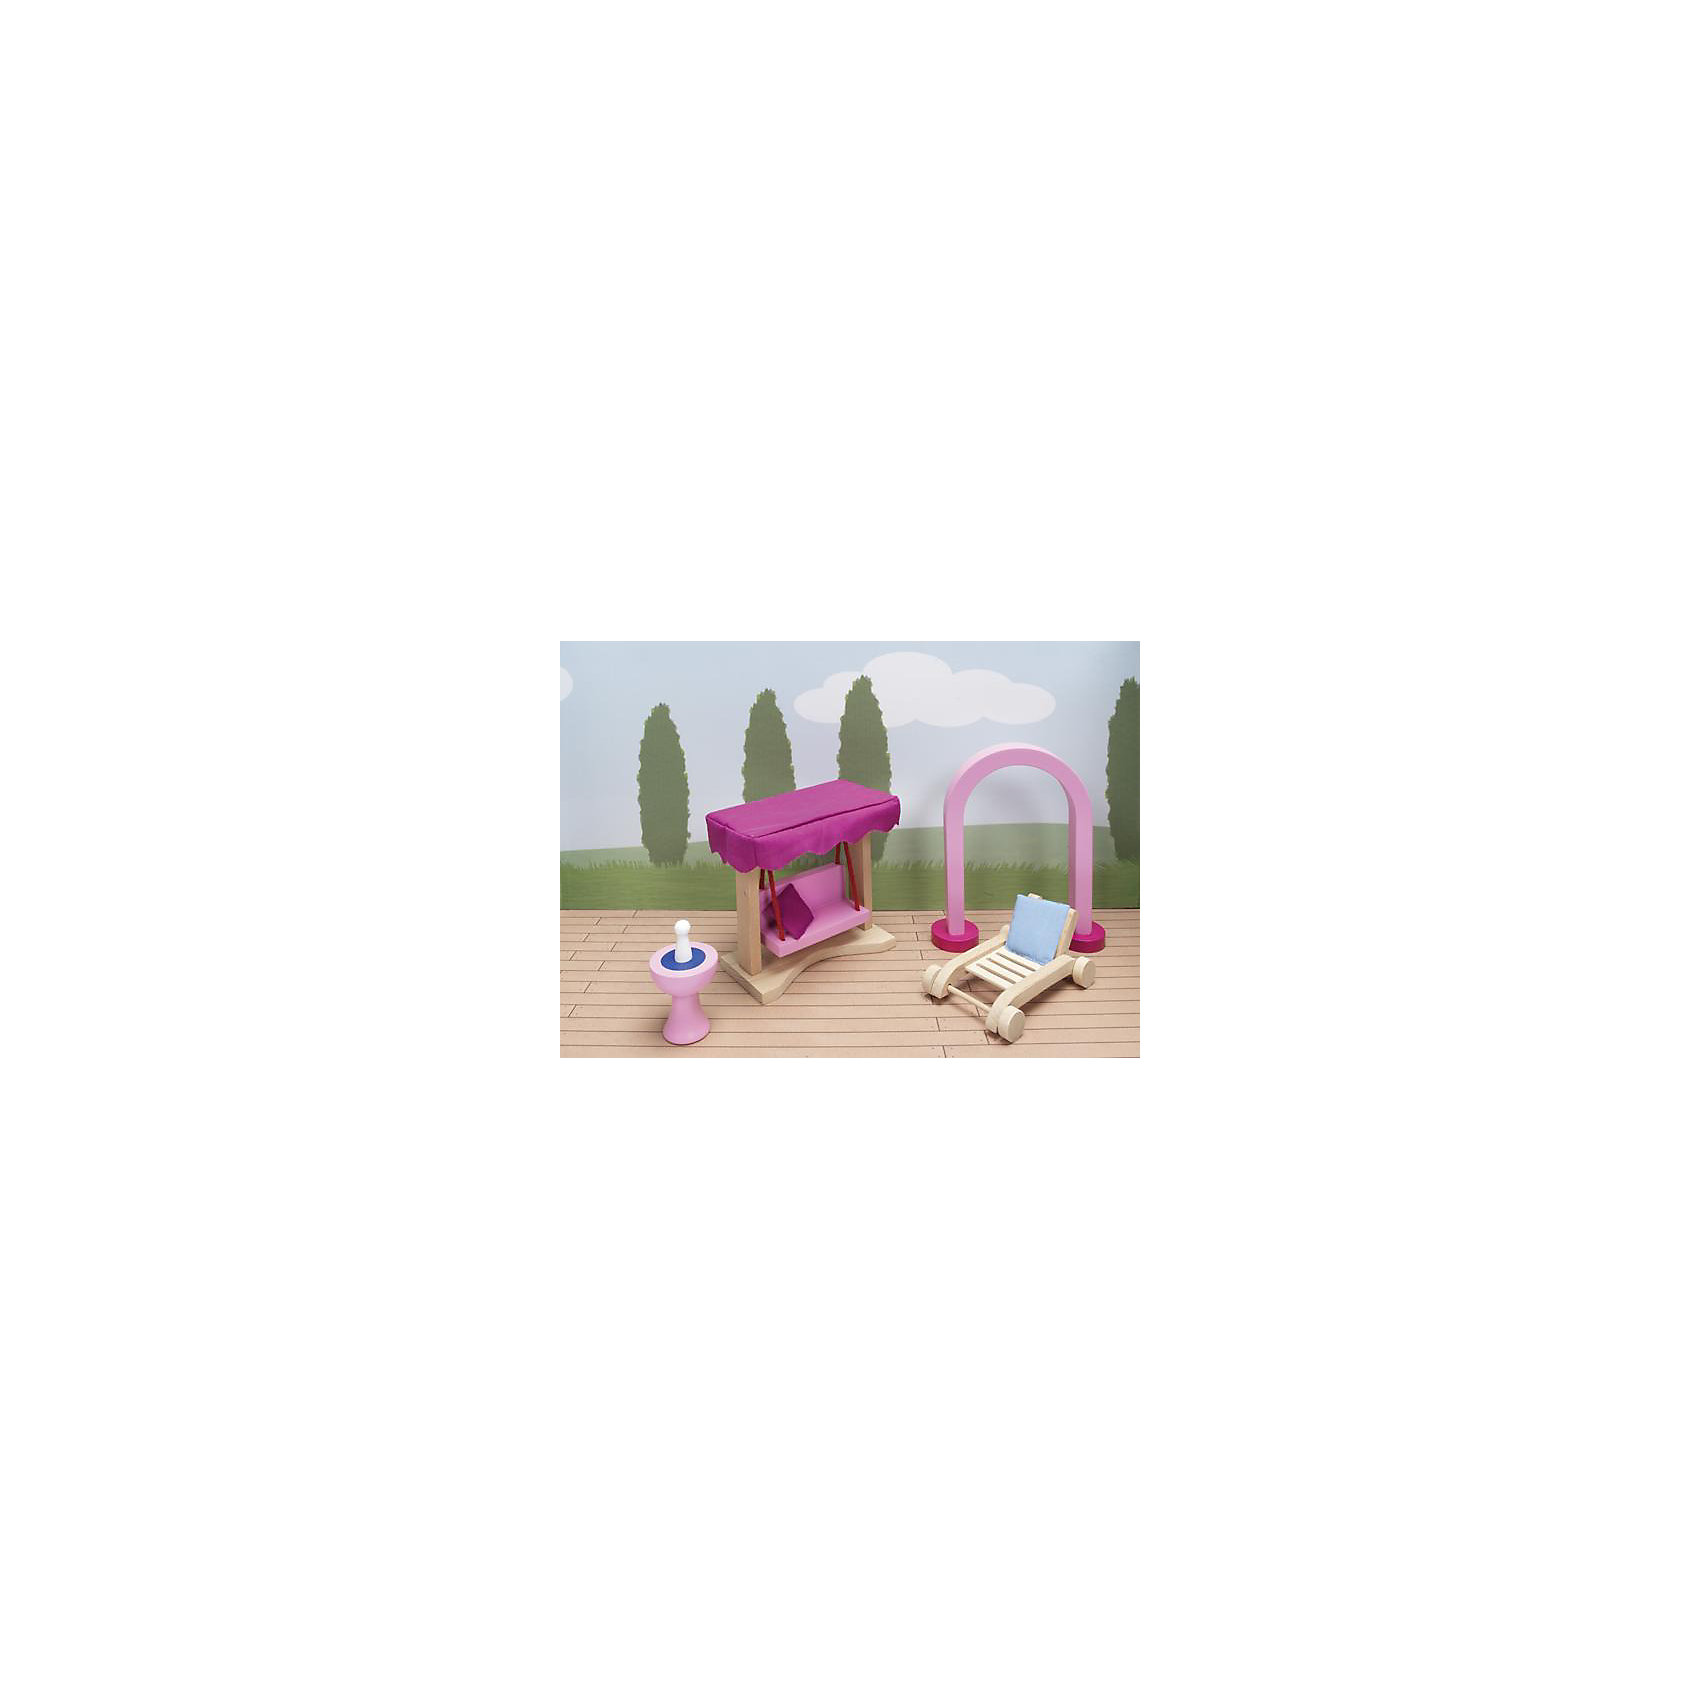 Мебель кукольная садовая (дворец), gokiДомики и мебель<br>Характеристики товара:<br><br>- цвет: разноцветный;<br>- материал: дерево;<br>- возраст: от трех лет;<br>- комплектация: 66 предметов.<br><br>Этот симпатичный набор из множества предметов, необходимых в кукольном саду, приводит детей в восторг! Какая девочка сможет отказаться поиграть с куклами, которые имеют садовую мебель, так похожую на настоящую?! В набор входят самые необходимые для обустройства зоны отдыха у дома вещи. Игрушки очень качественно выполнены, поэтому набор станет замечательным подарком ребенку. <br>Продается набор в красивой удобной упаковке. Игры с куклами помогают девочкам развить важные навыки и отработать модели социального взаимодействия. Изделие произведено из высококачественного материала, безопасного для детей.<br><br>Мебель кукольную садовую (дворец) от германского бренда GOKI можно купить в нашем интернет-магазине.<br><br>Ширина мм: 123<br>Глубина мм: 123<br>Высота мм: 123<br>Вес г: 450<br>Возраст от месяцев: 36<br>Возраст до месяцев: 144<br>Пол: Женский<br>Возраст: Детский<br>SKU: 5155320